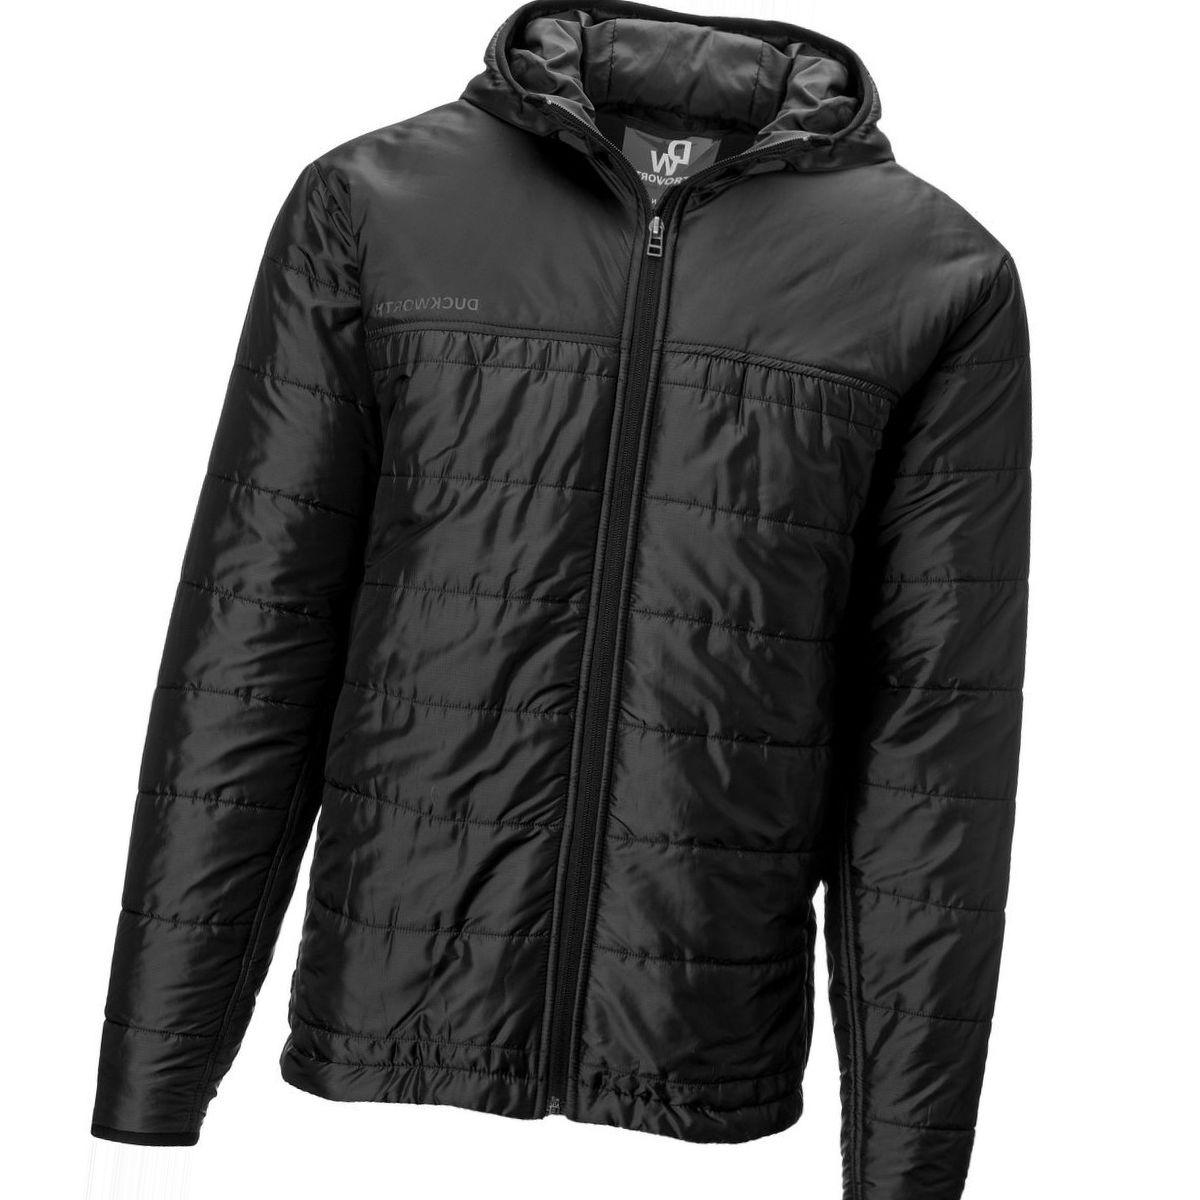 Duckworth WoolCloud Full-Zip Jacket - Men's